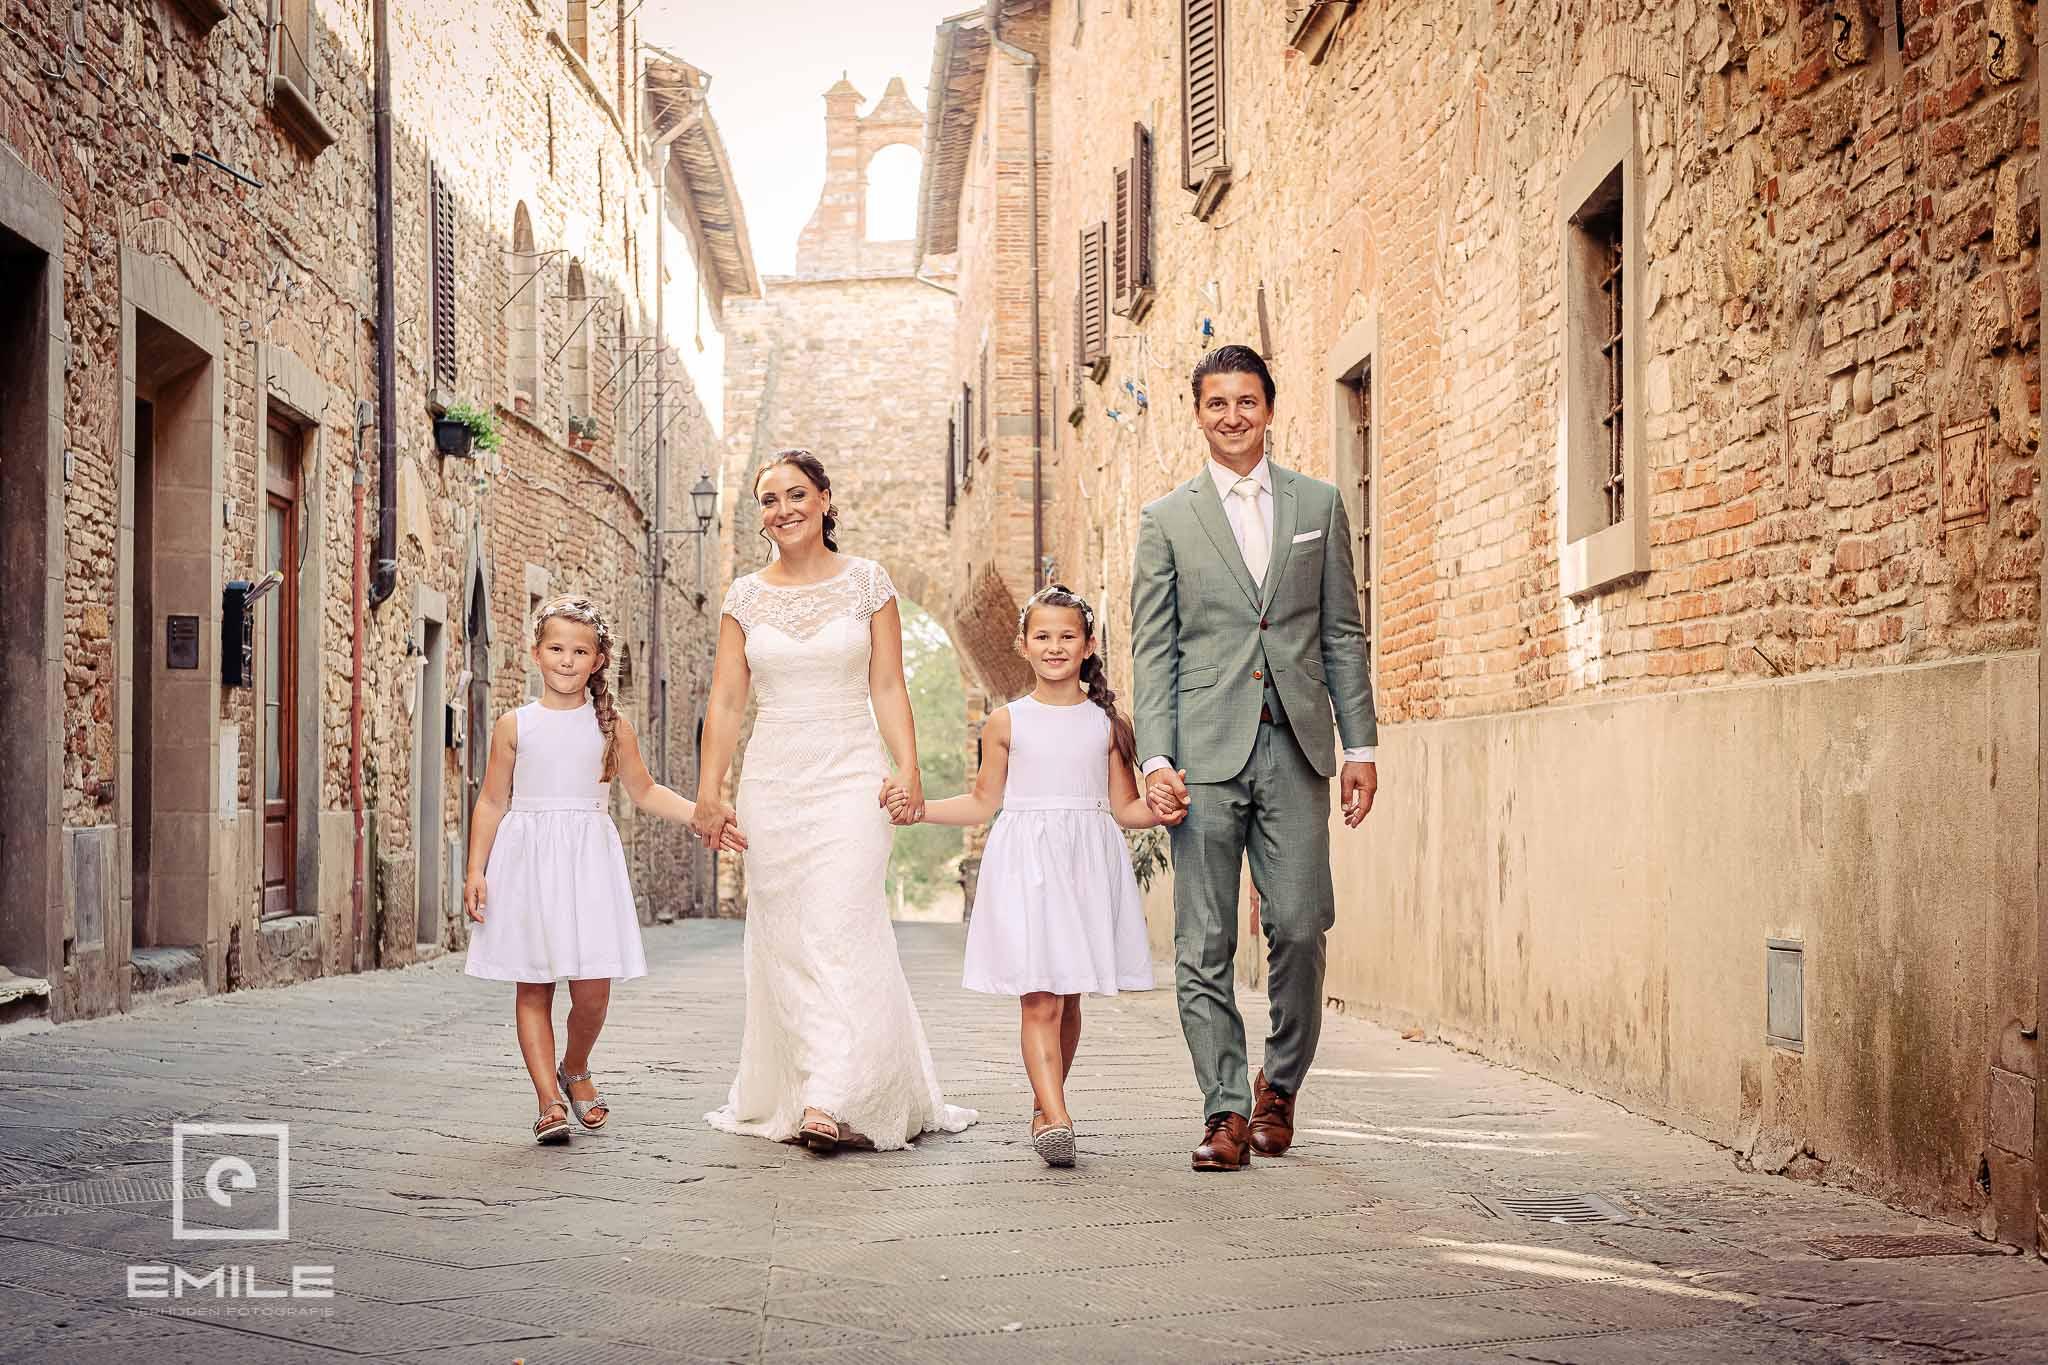 Samen met de kinderen op de foto - Destination wedding San Gimignano - Toscane Italie - Iris en Job